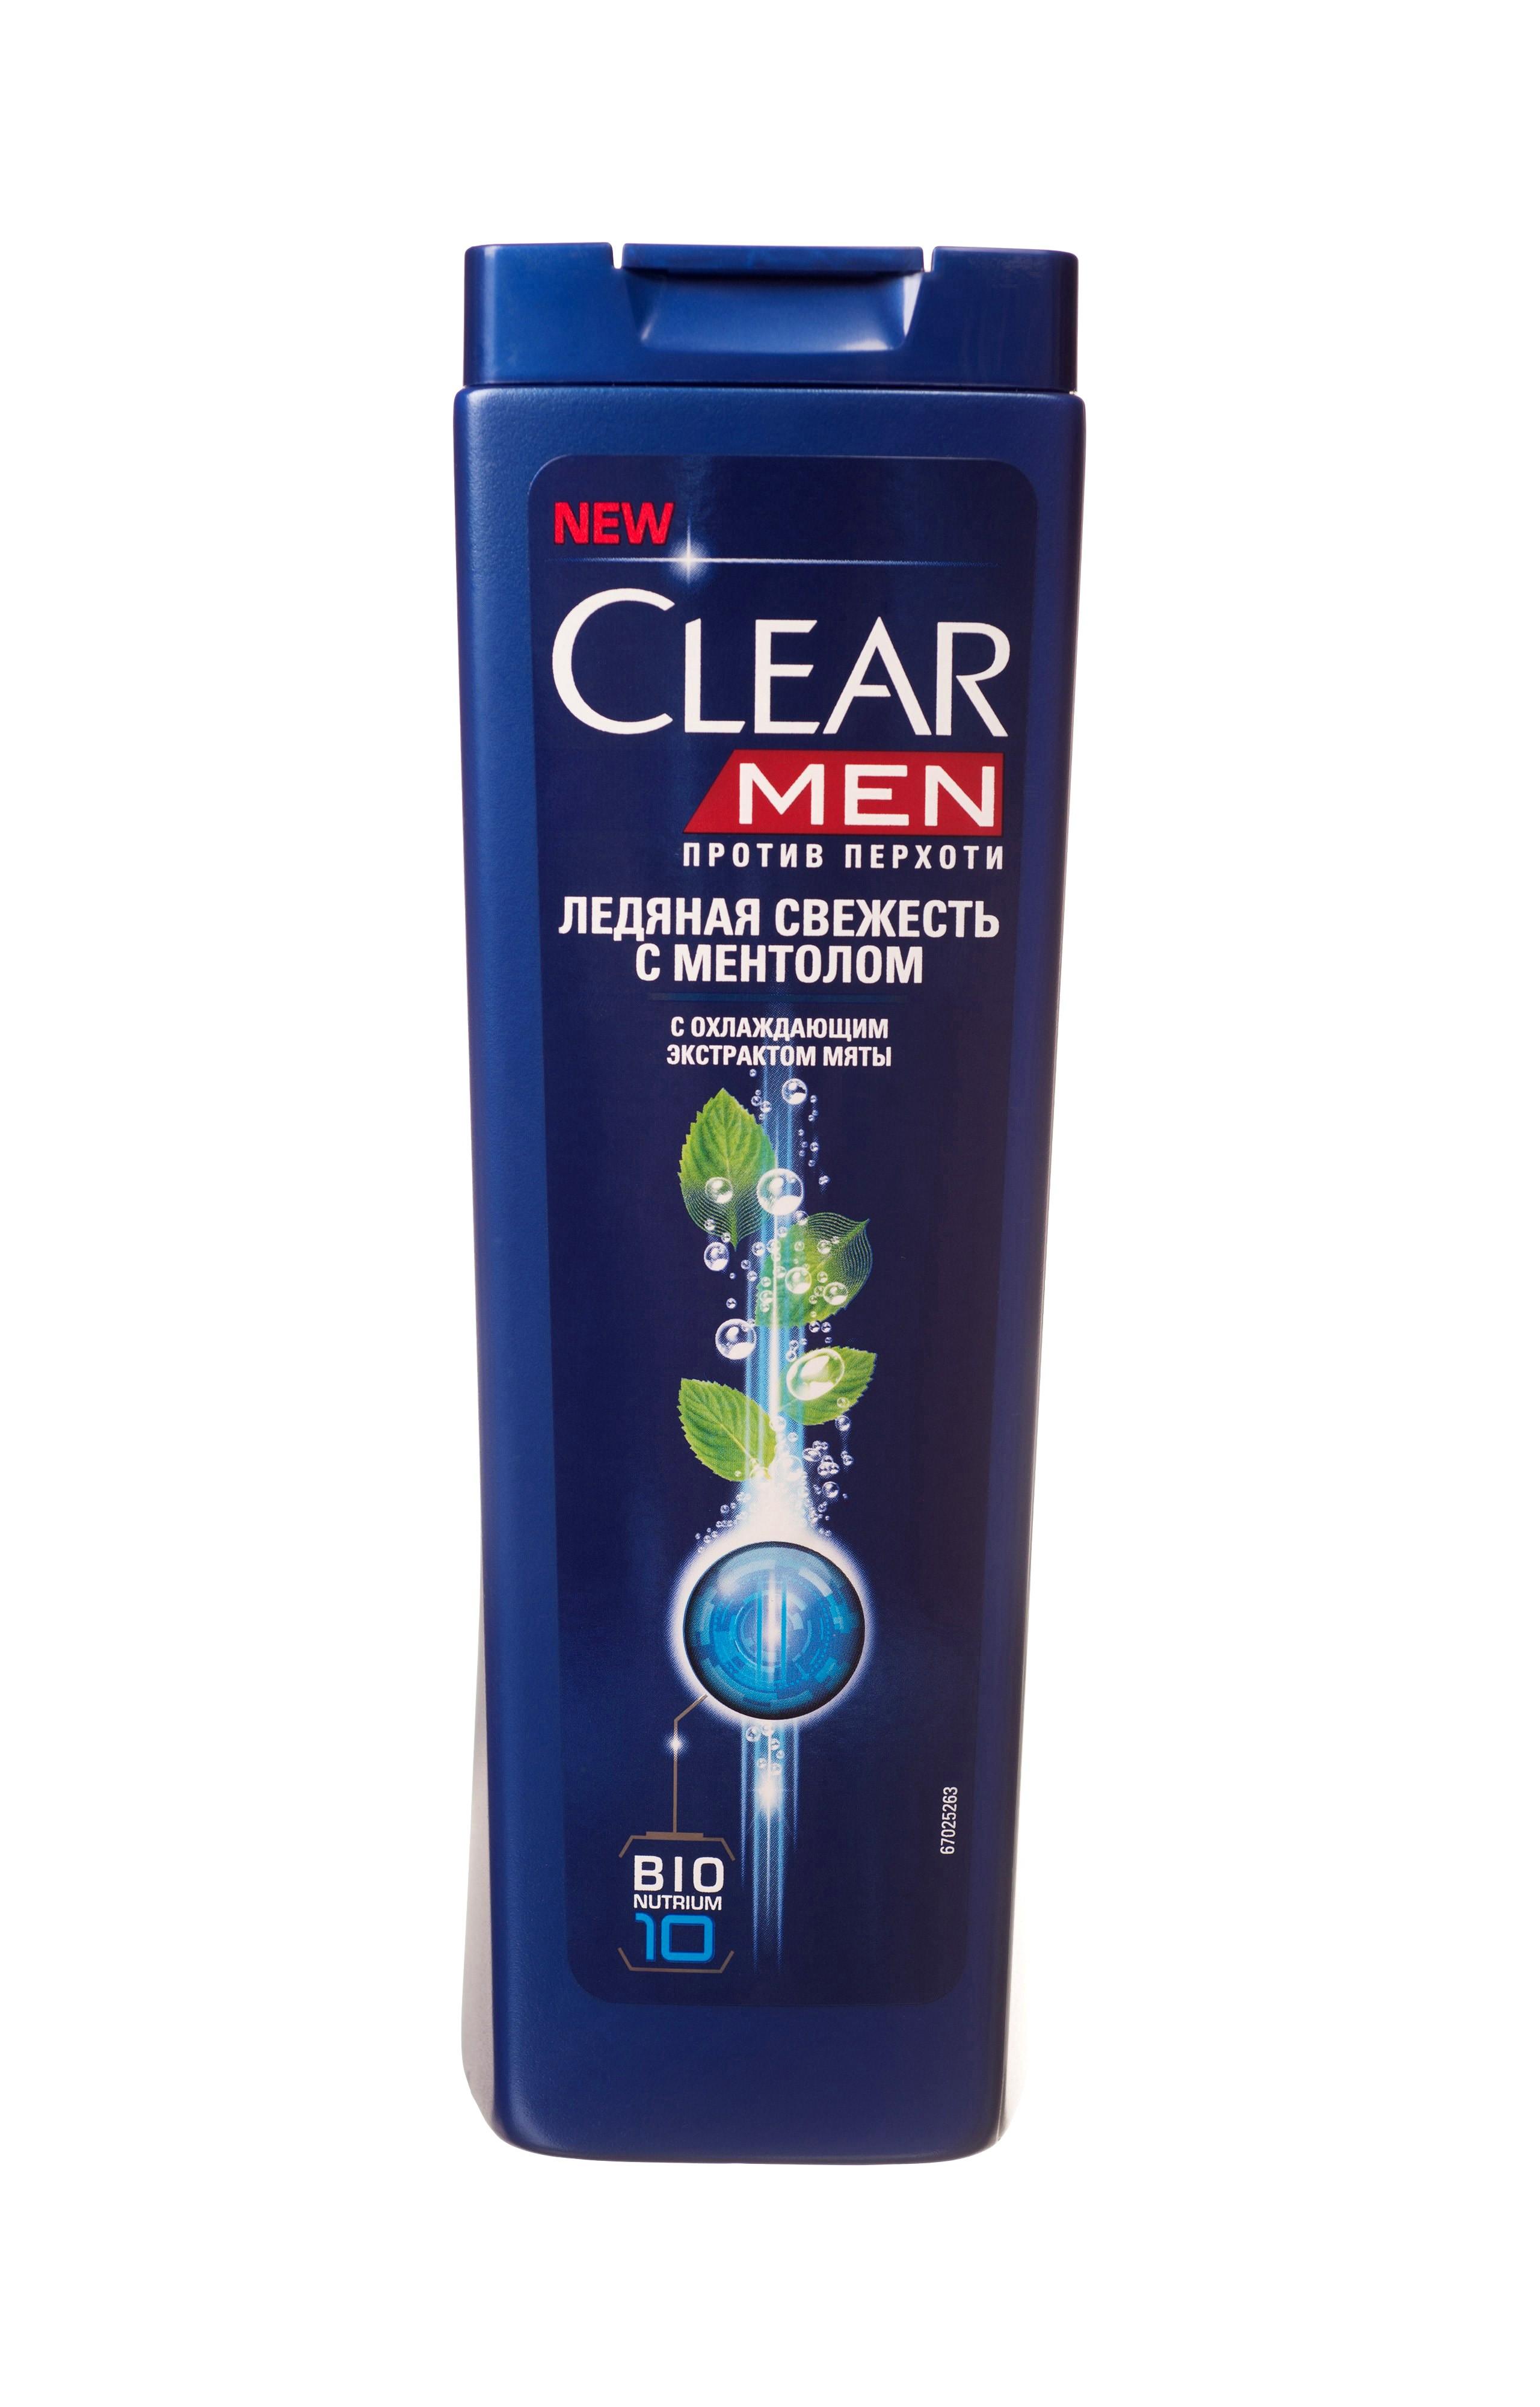 Clear Men Шампунь против перхоти Ледяная свежесть с ментолом 400 млFS-54102Созданный специально для мужчин Шампунь Ледяная свежесть с ментолом и эвкалиптом обеспечивает двойное действие: унимает зуд и смягчает раздражение. Комплекс Nutrium 10, входящий в состав шампуня — это насыщенная смесь 10 питательных веществ и растительных активных компонентов. При регулярном применении он активирует естественный защитный слой против перхоти кожи головы, позволяя вам гарантированно защищаться от перхоти.